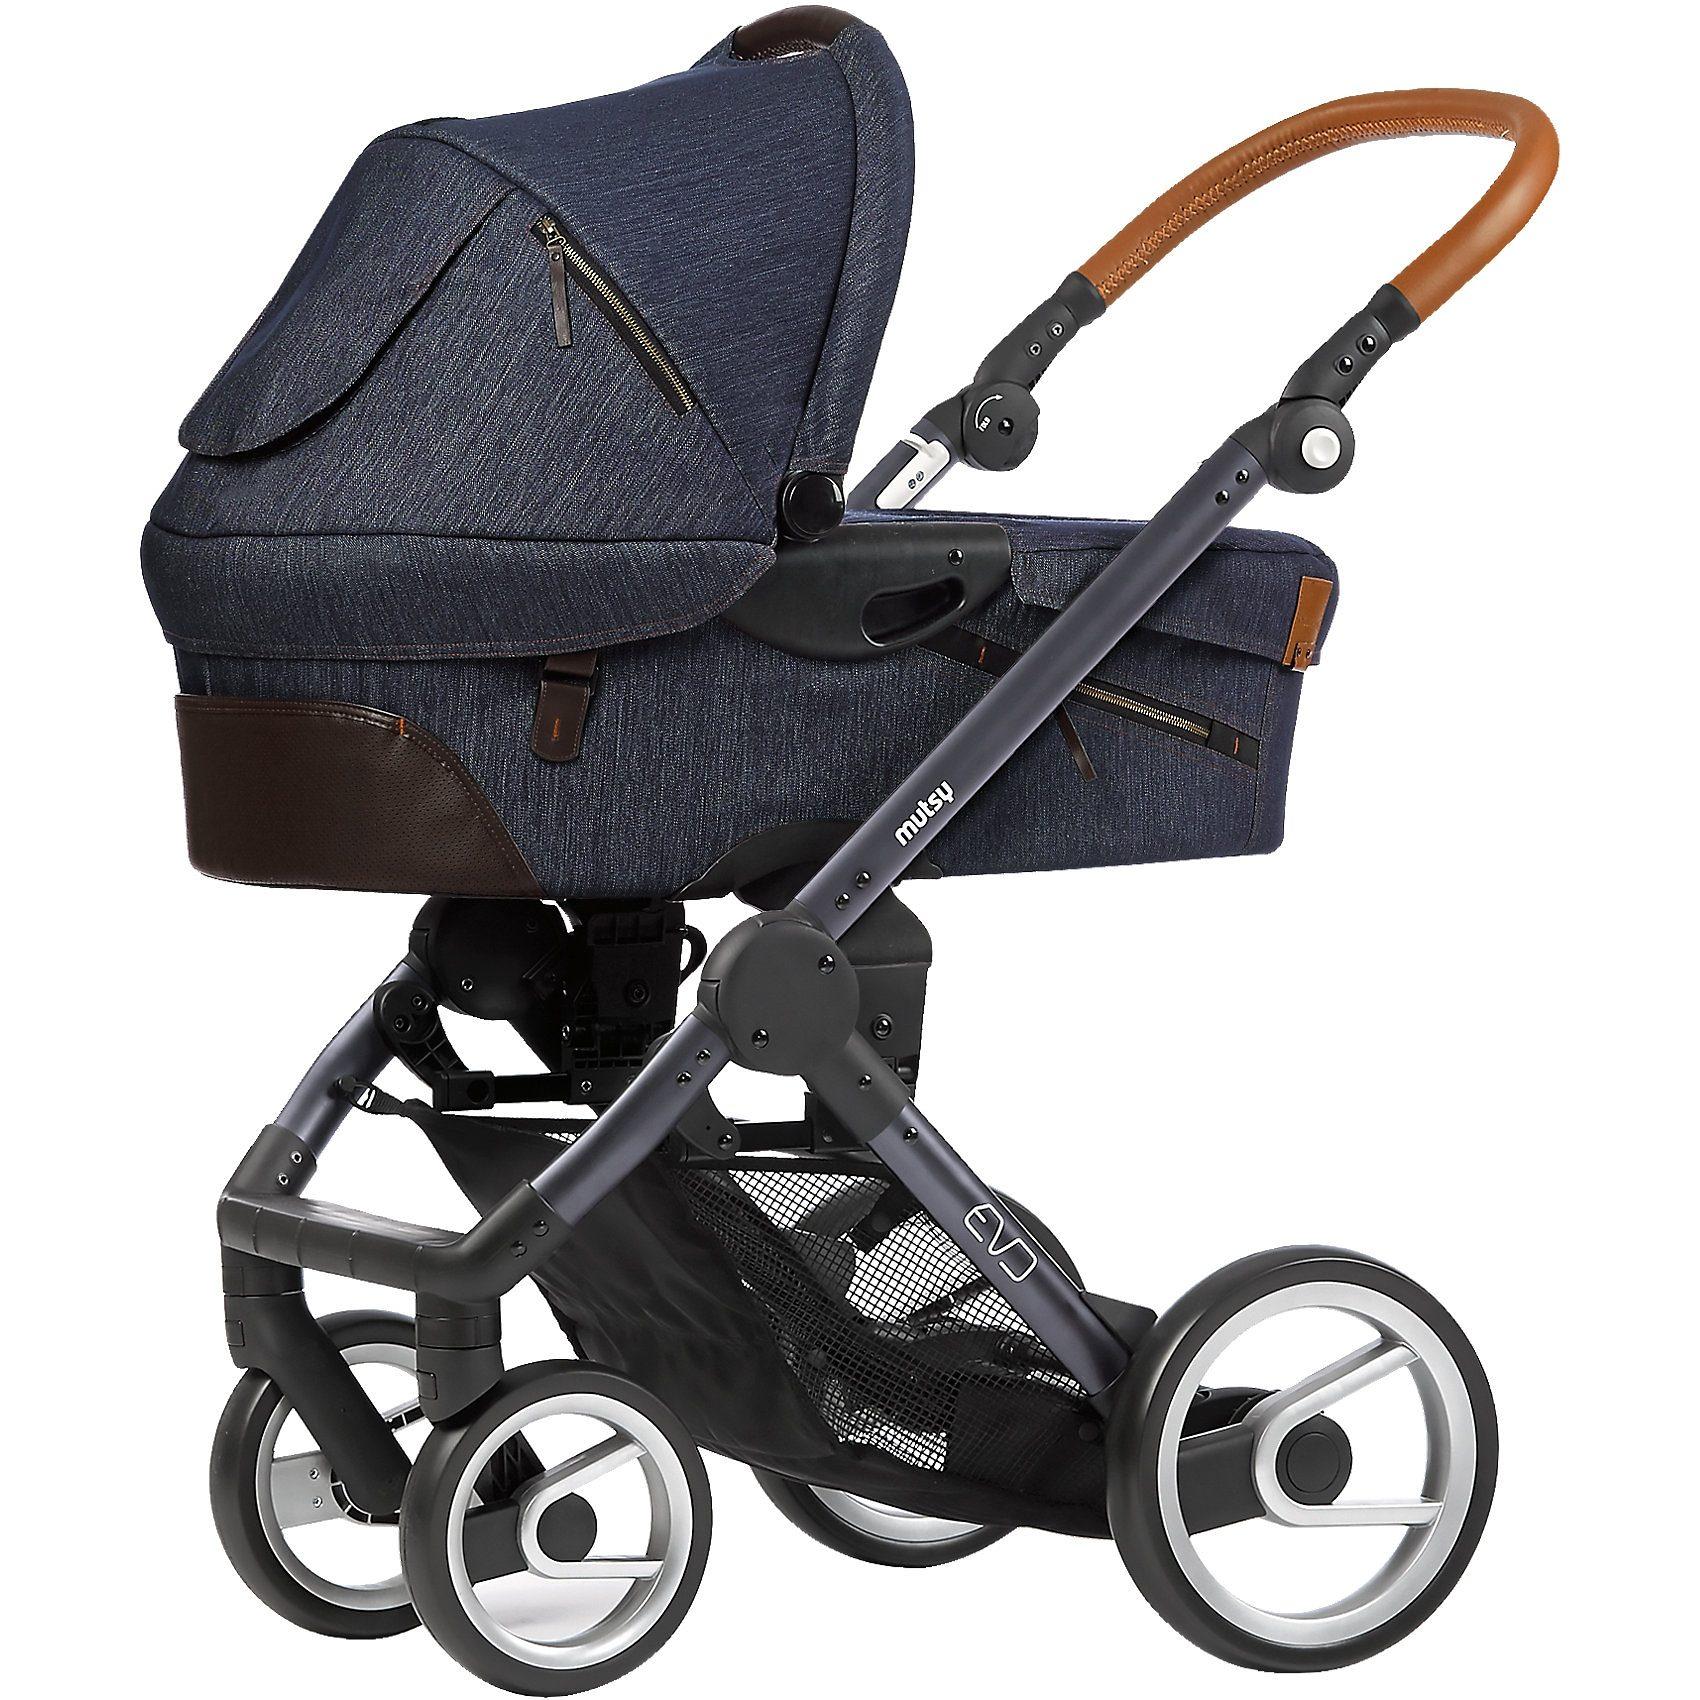 mutsy Kombi-Kinderwagen Evo industrial, indigo, Gestell darkgrey,